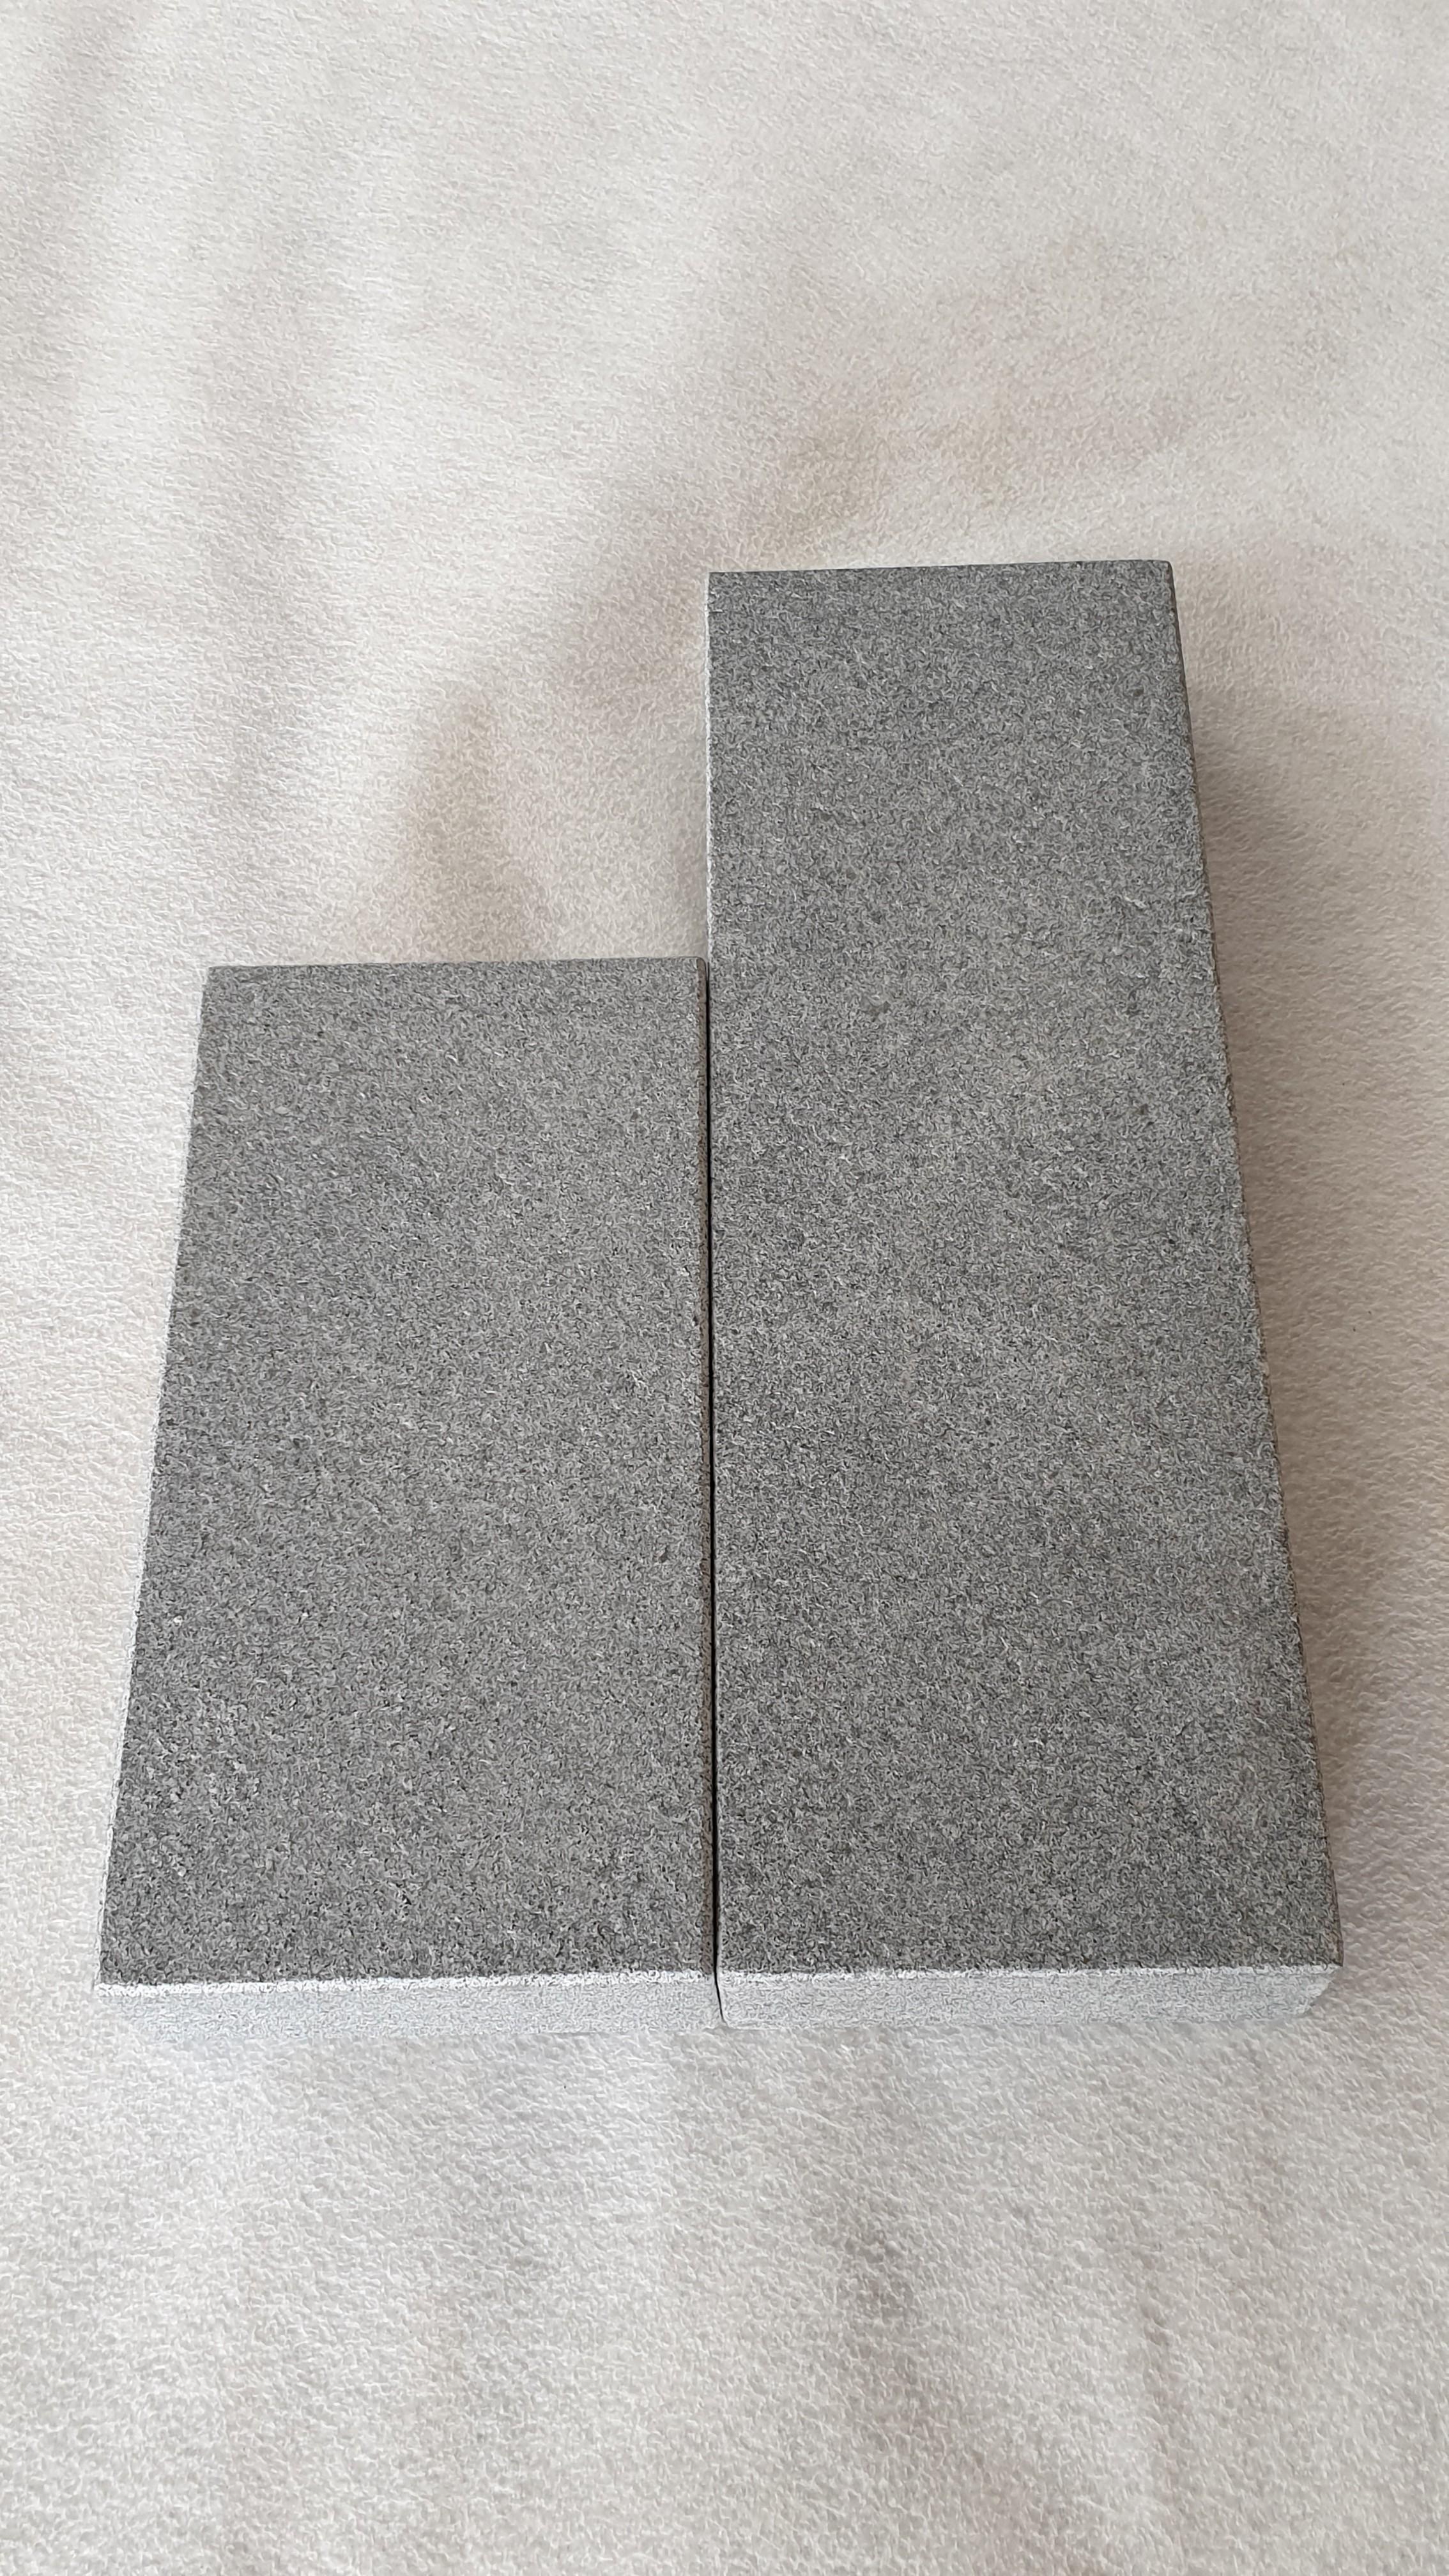 Palisade Granit Anthrazit günstig kaufen geflammt und gebürstet